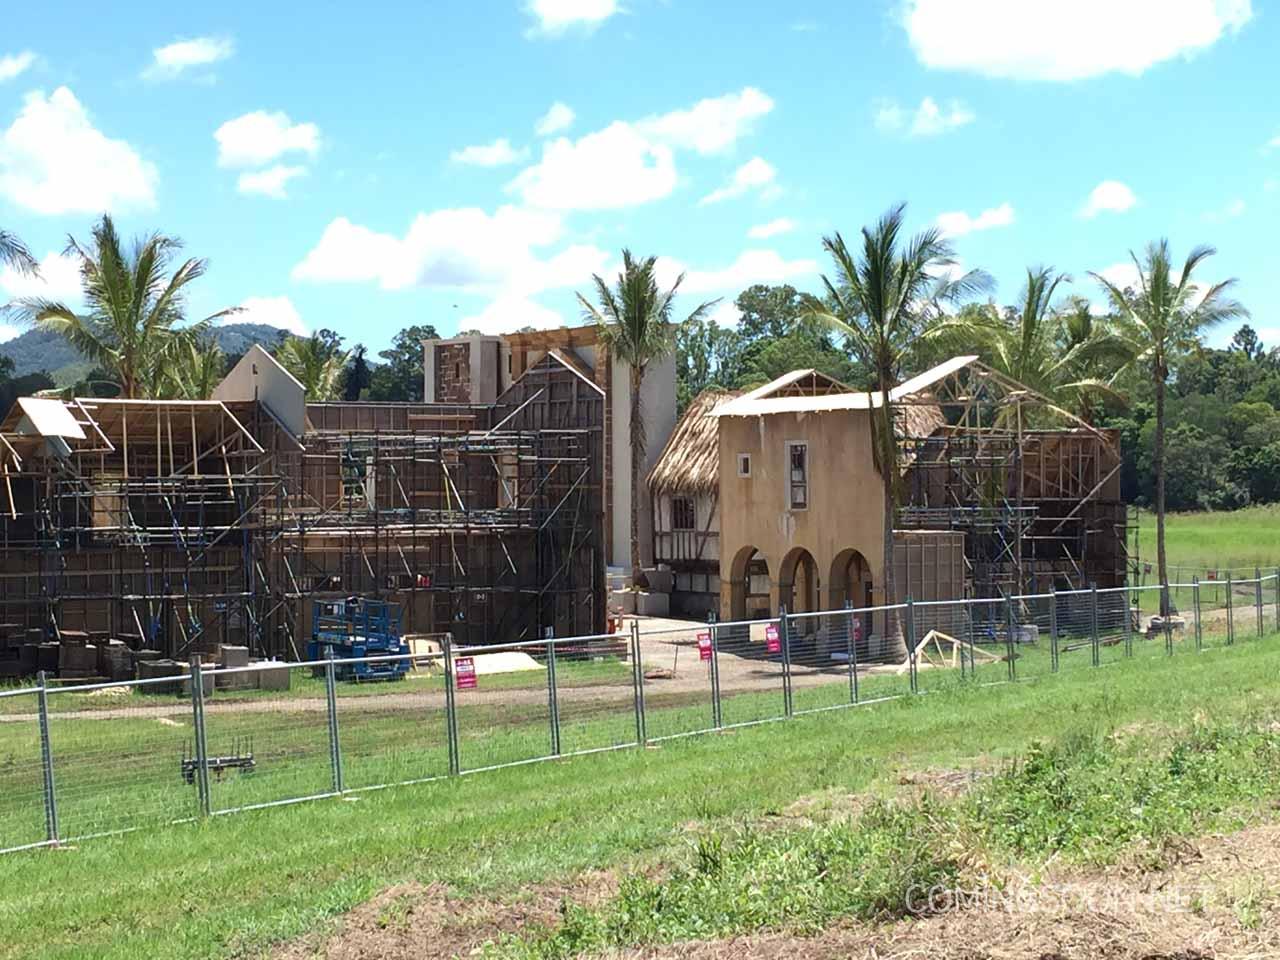 Pirati dei Caraibi 5: un'immagine del set in costruzione nel Queensland